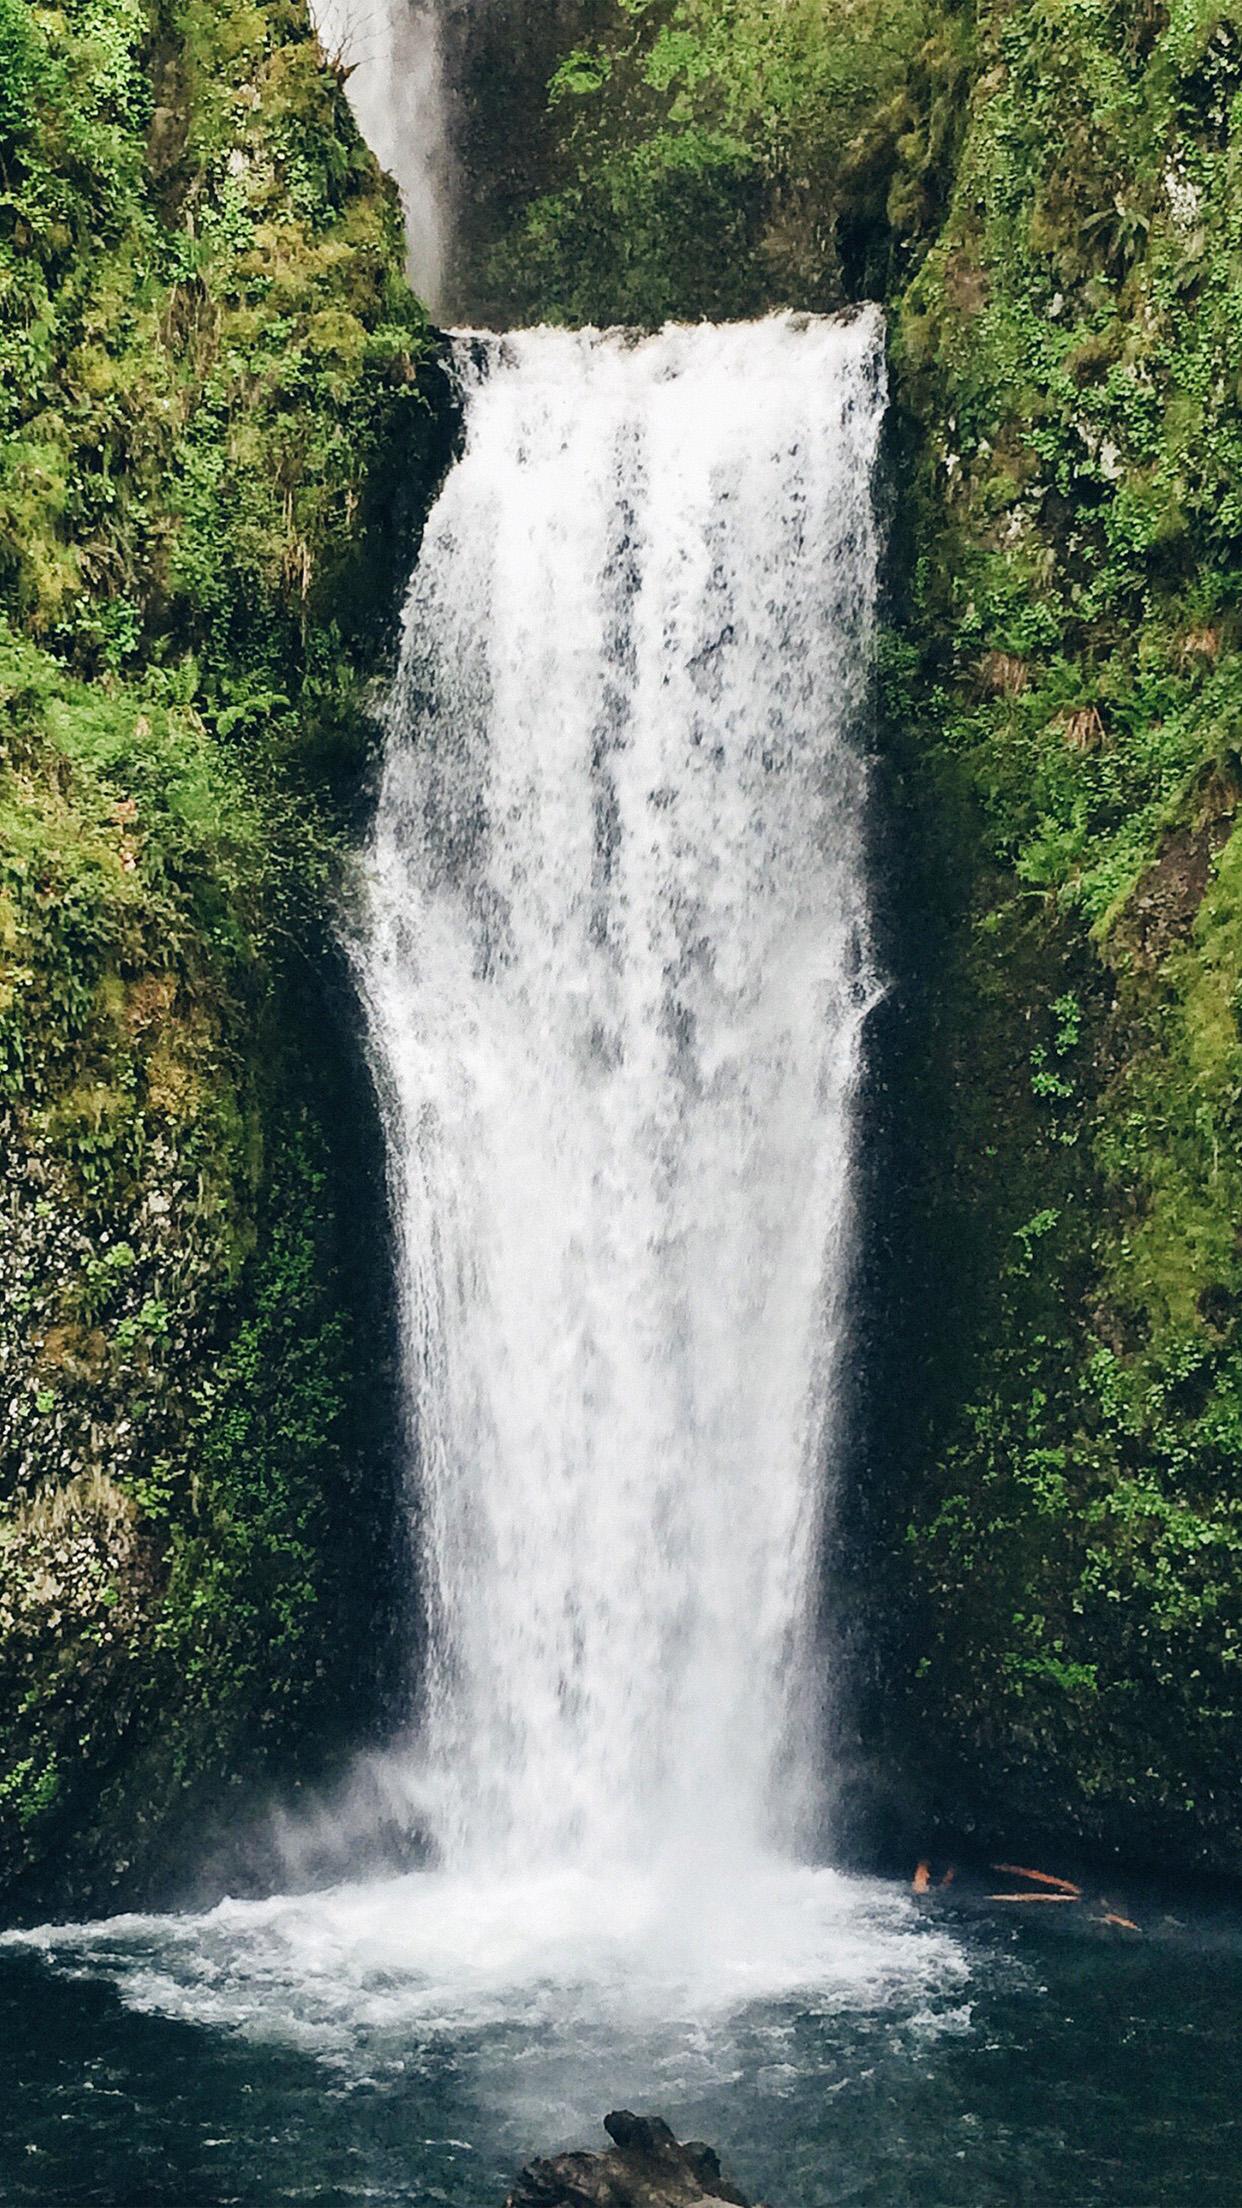 Waterfall Green Nature 3Wallpapers iPhone Parallax 3Wallpapers : notre sélection de fonds d'écran du 04/12/2016